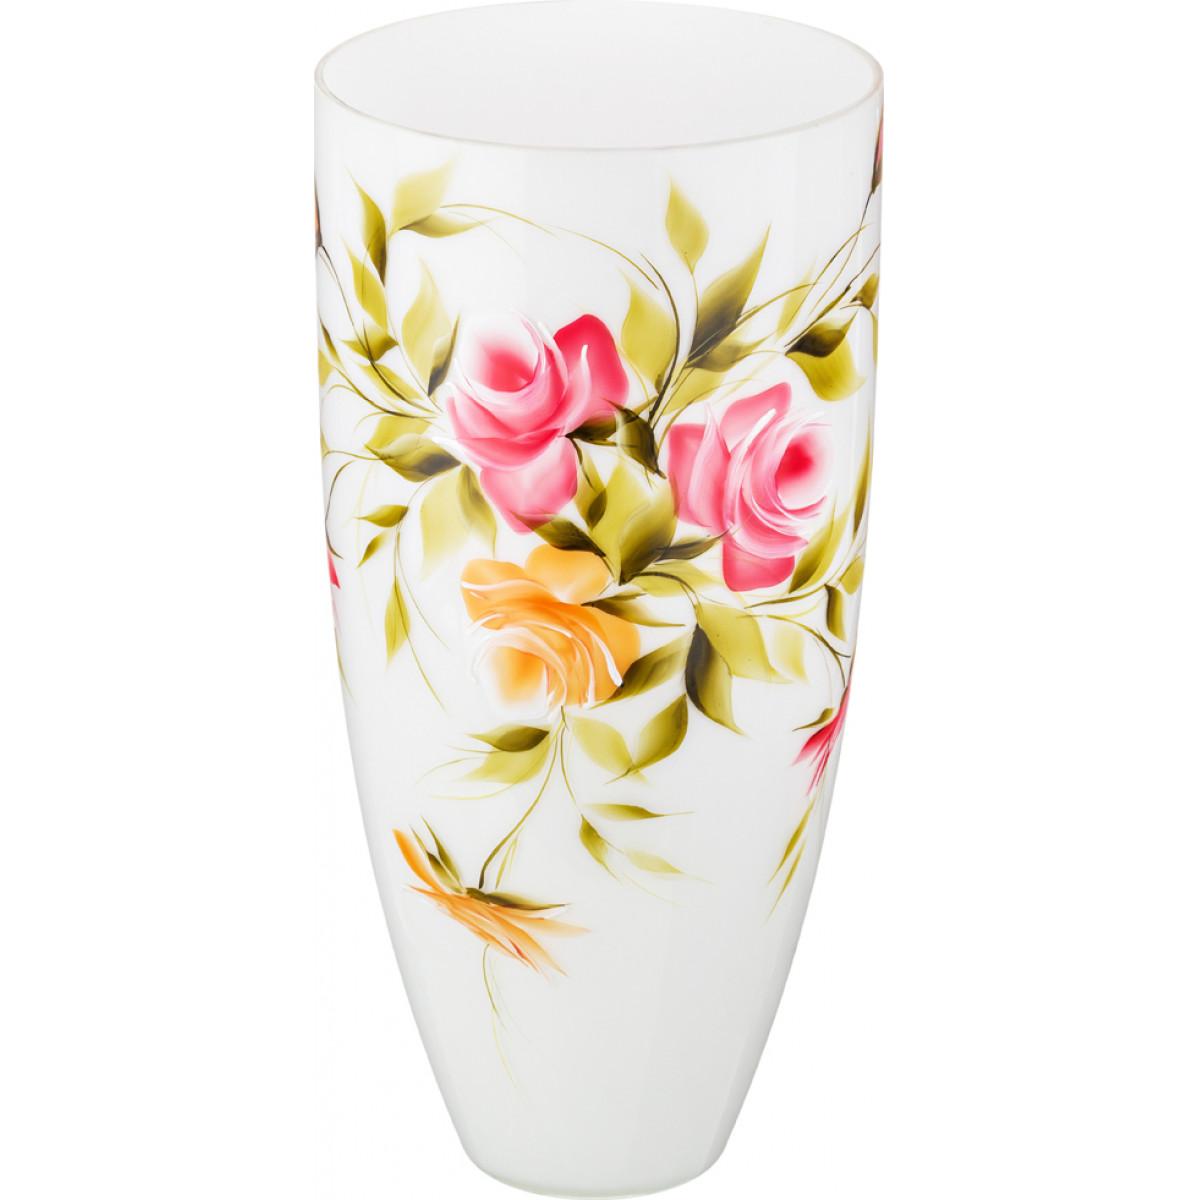 Вазы Arti-M Ваза Irene (13х37 см) вазы arti m ваза mosaic 12х38 см